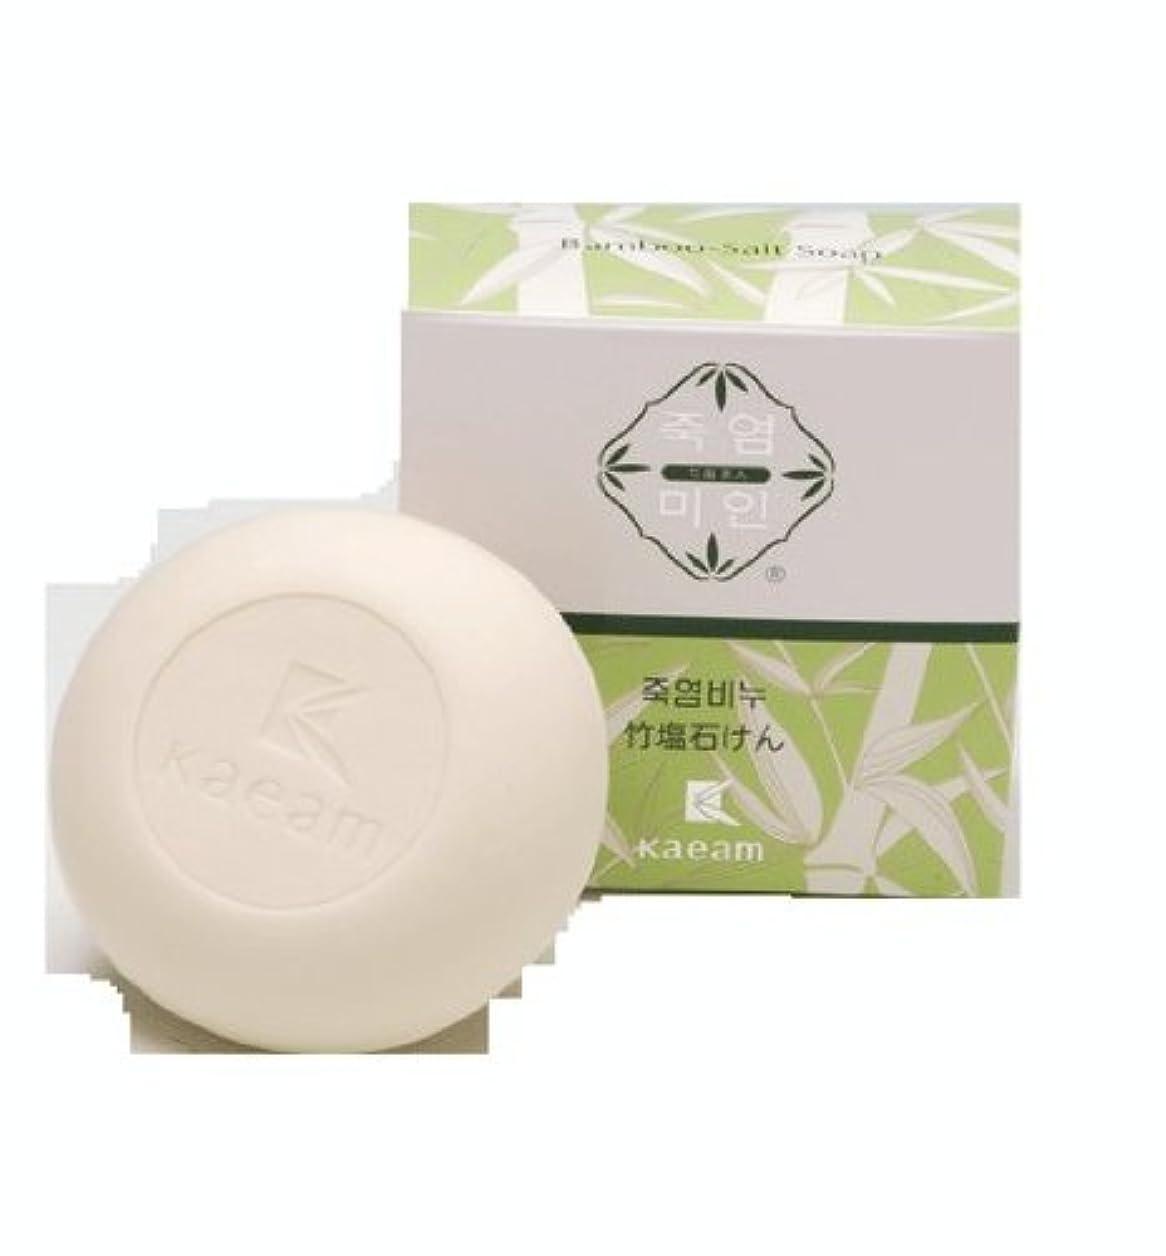 工夫するそっと無駄な洗顔せっけん 商品 竹塩石鹸 3個入り 開岩 Kaeam Bamboo Salt Soap